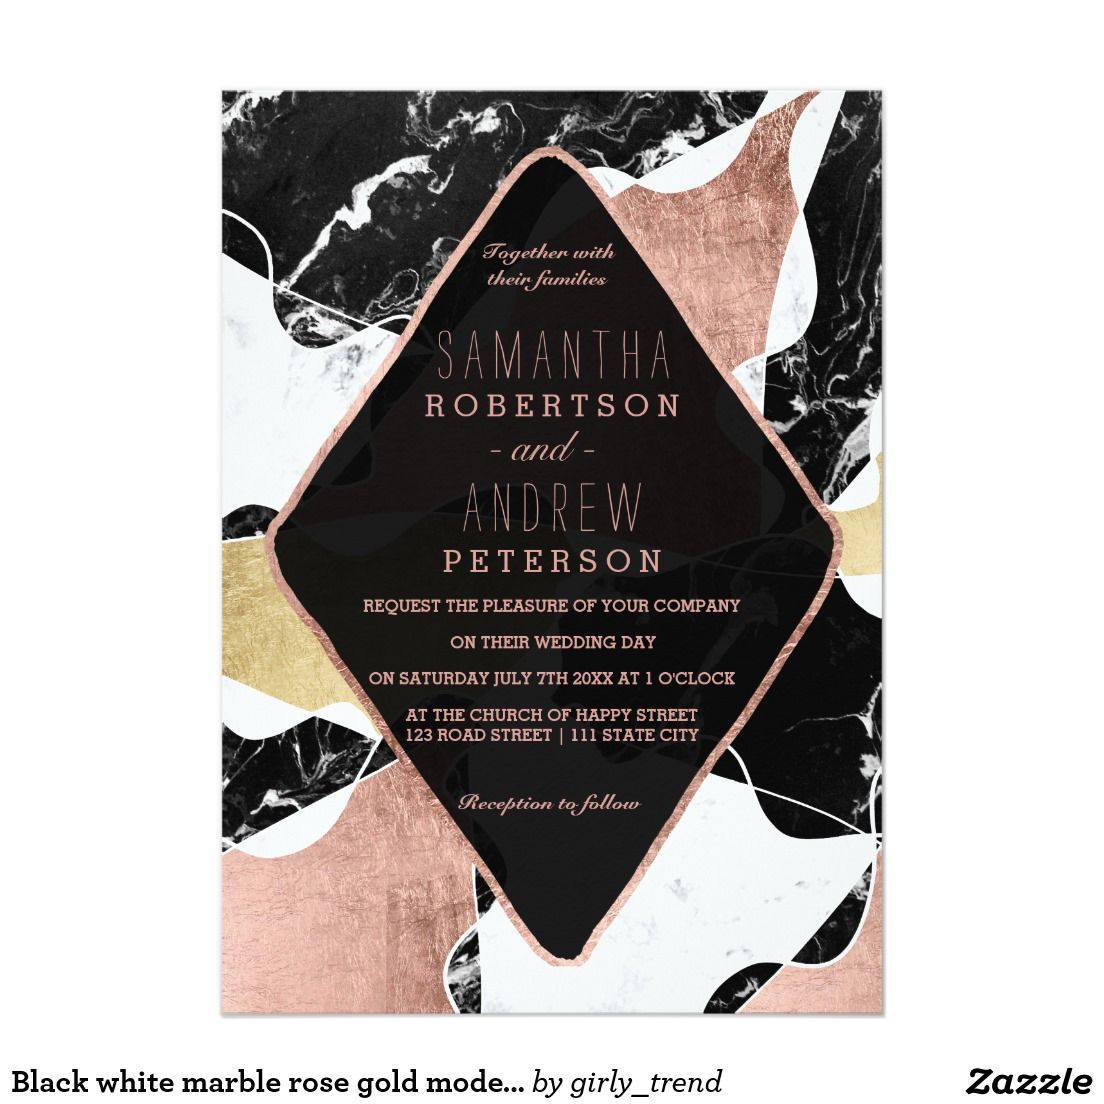 Black white marble rose gold modern chic wedding invitation | Zazzle.com |  Invitaciones de boda, Cajas de boda, Invitaciones